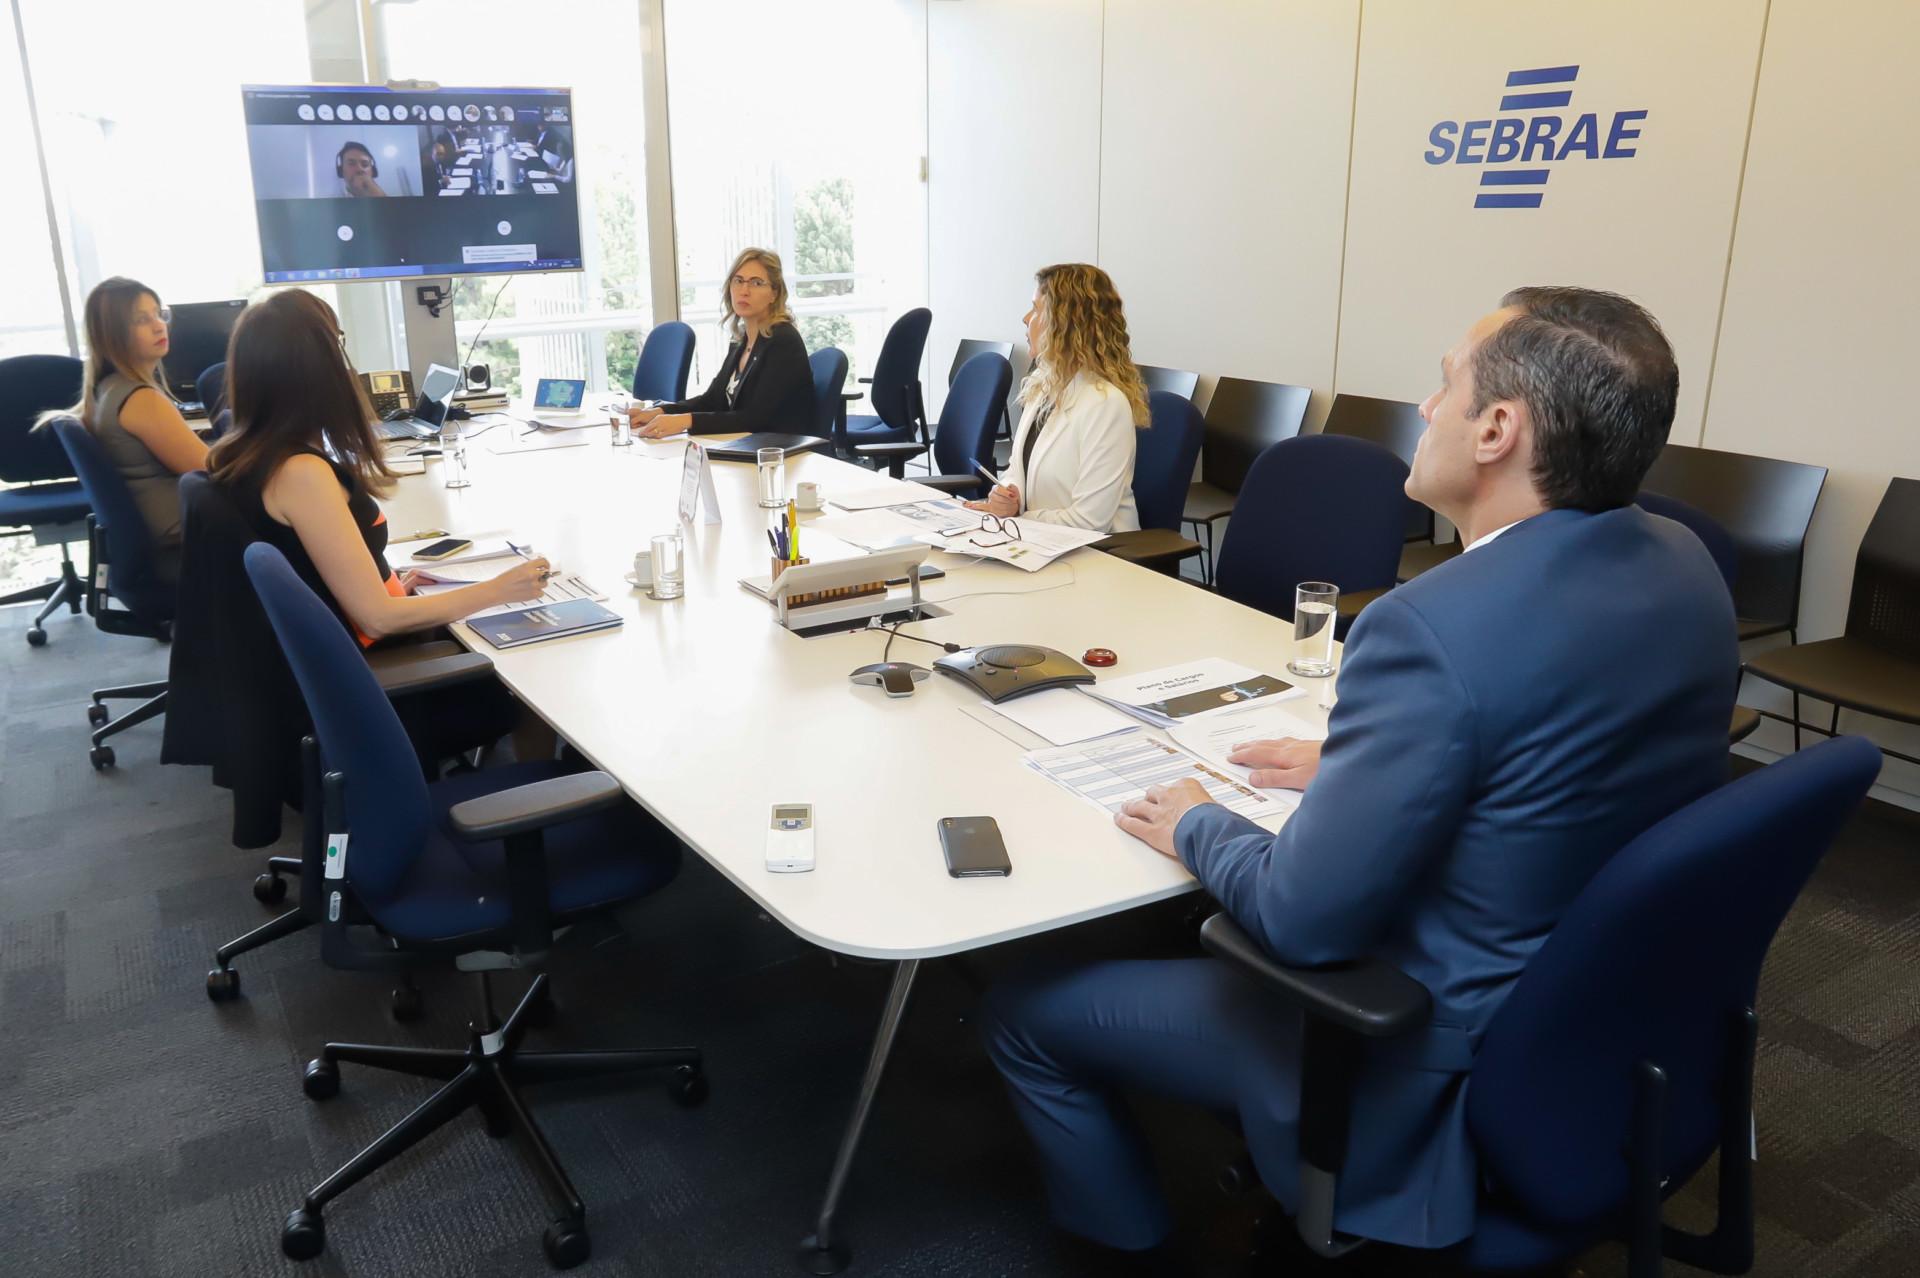 44ª Reunião Ordinária do Conselho Deliberativo da Agência Brasileira de Desenvolvimento Industrial (ABDI)